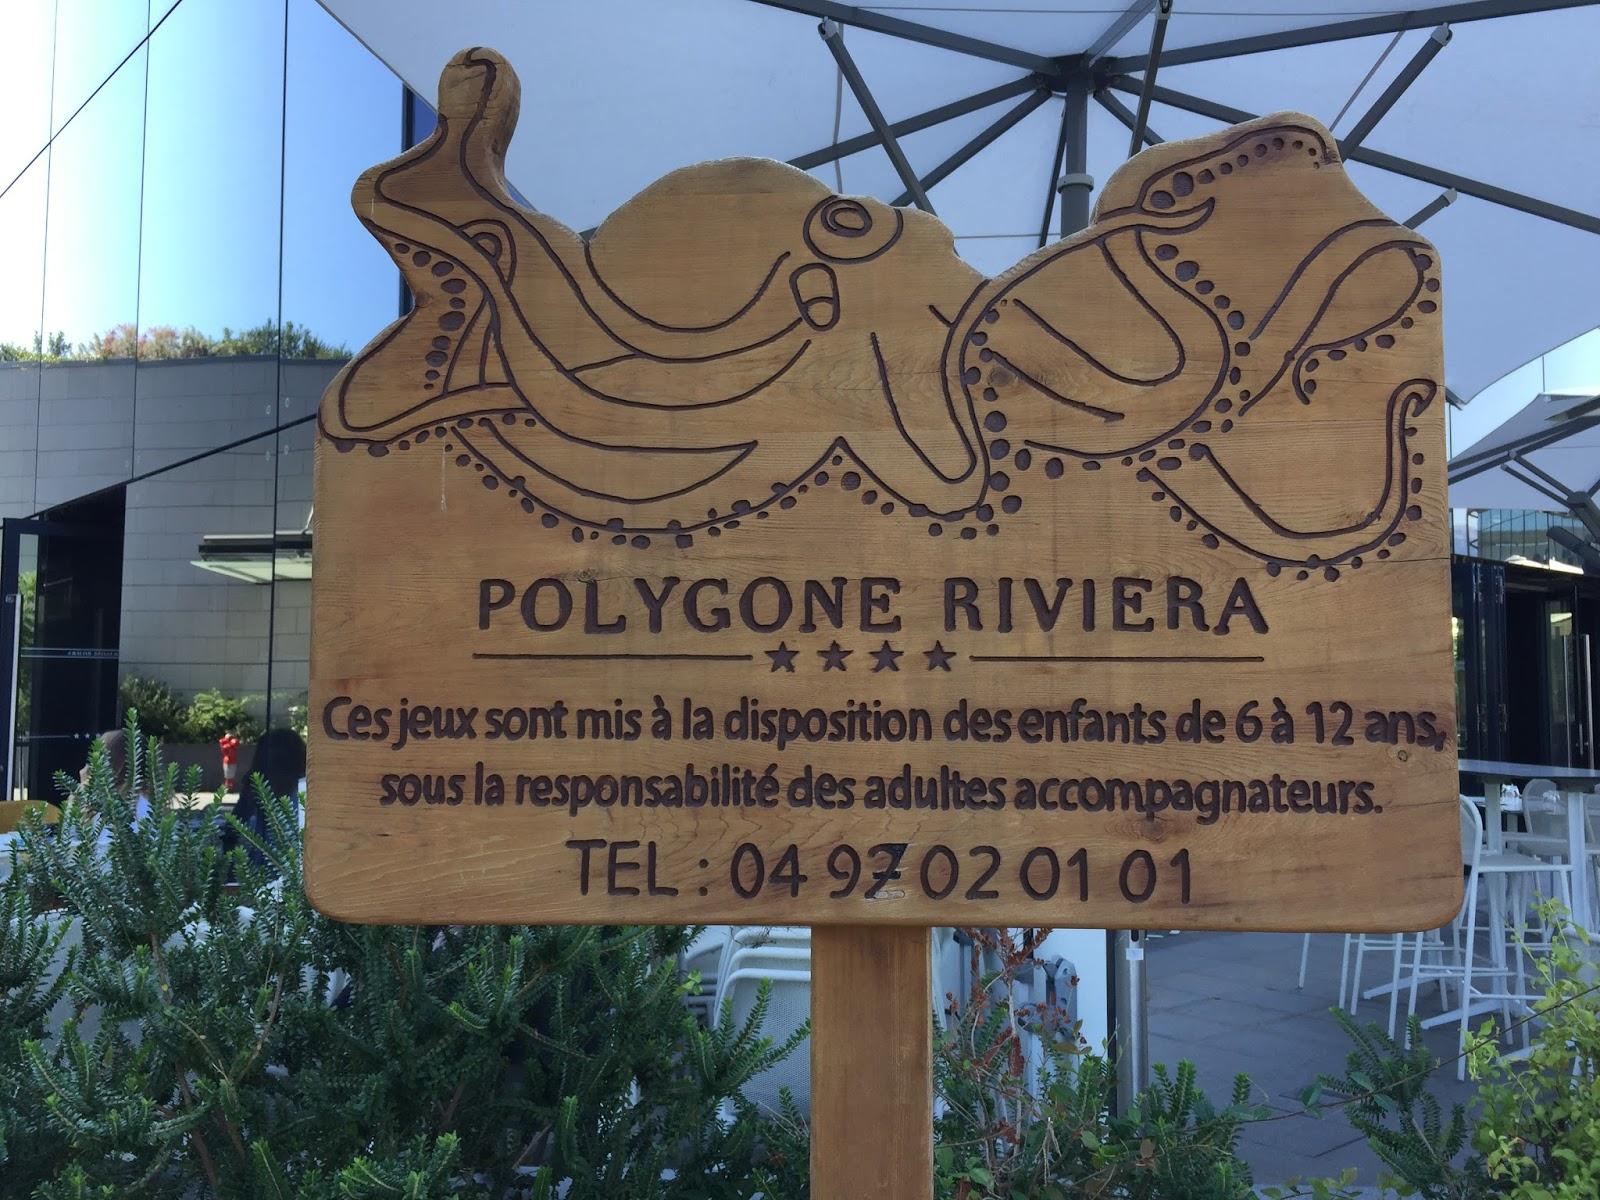 aires de jeux du 06 alpes maritimes polygone riviera. Black Bedroom Furniture Sets. Home Design Ideas